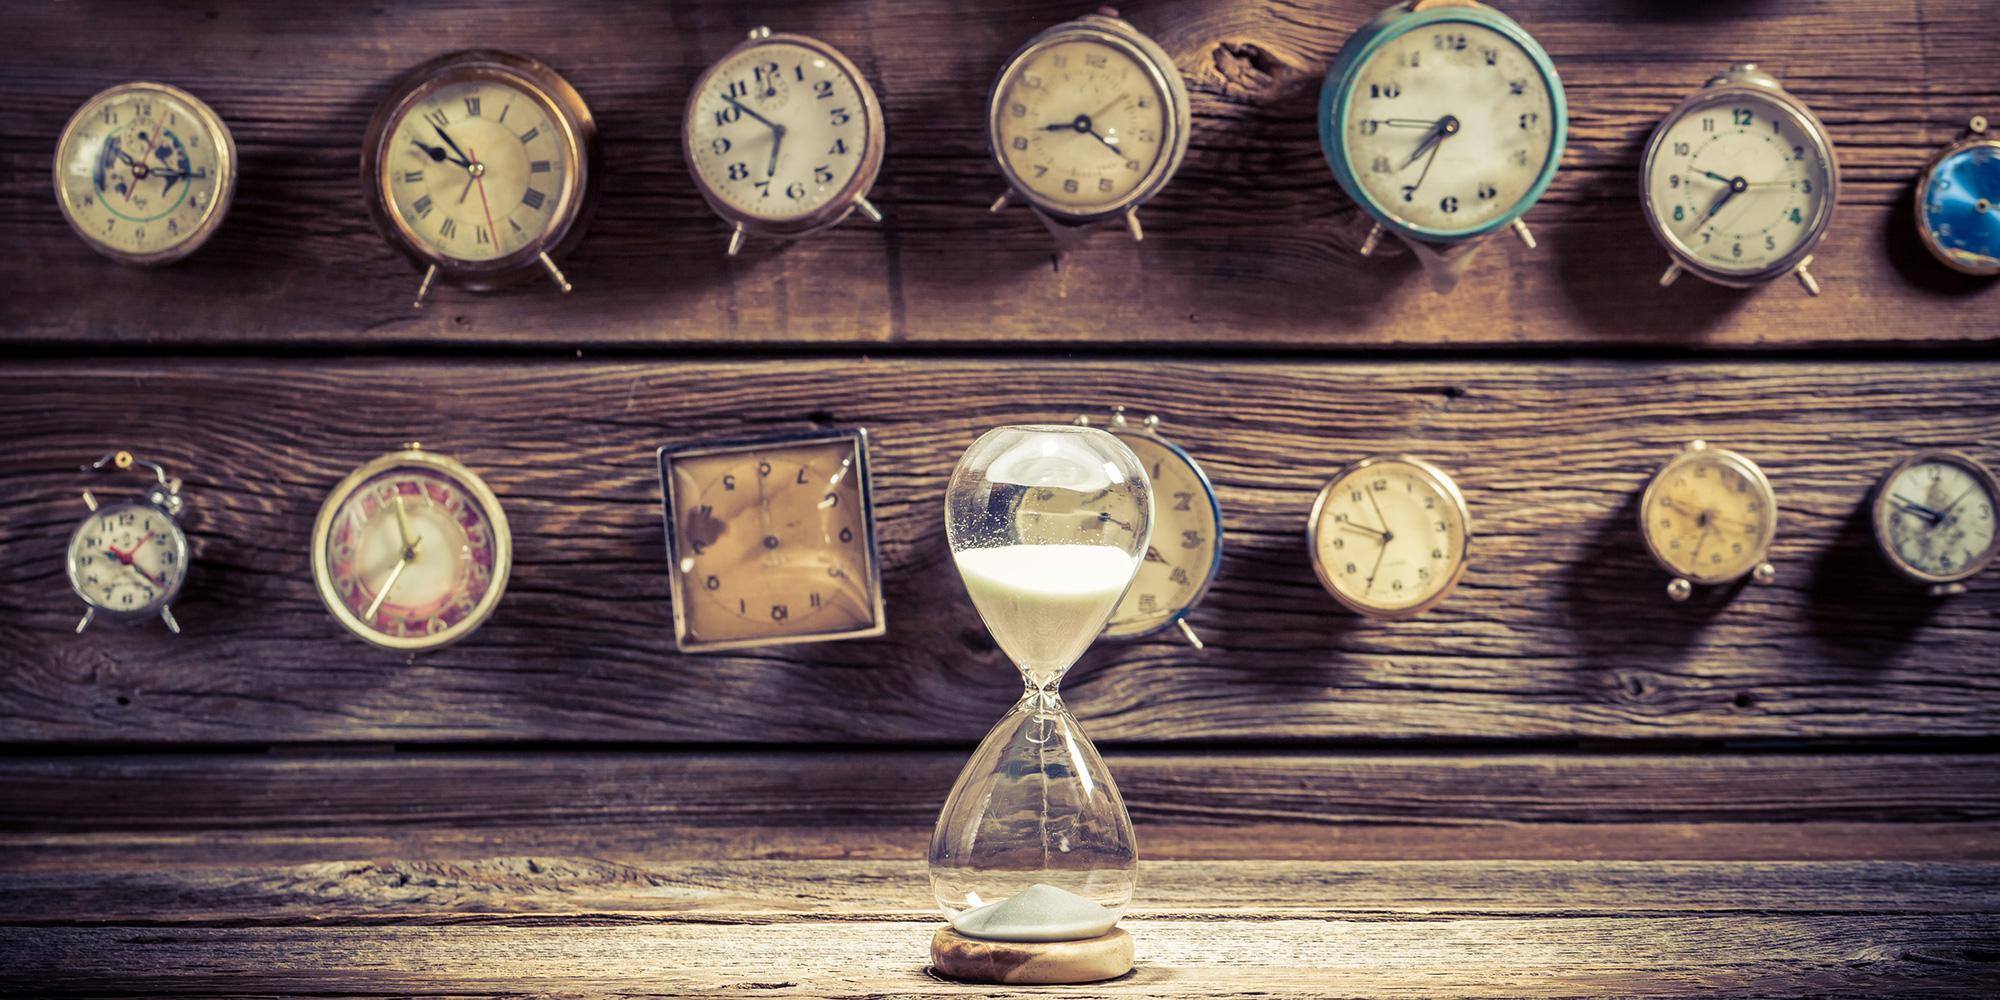 Das Mysterium, die Zeit zu erfassen